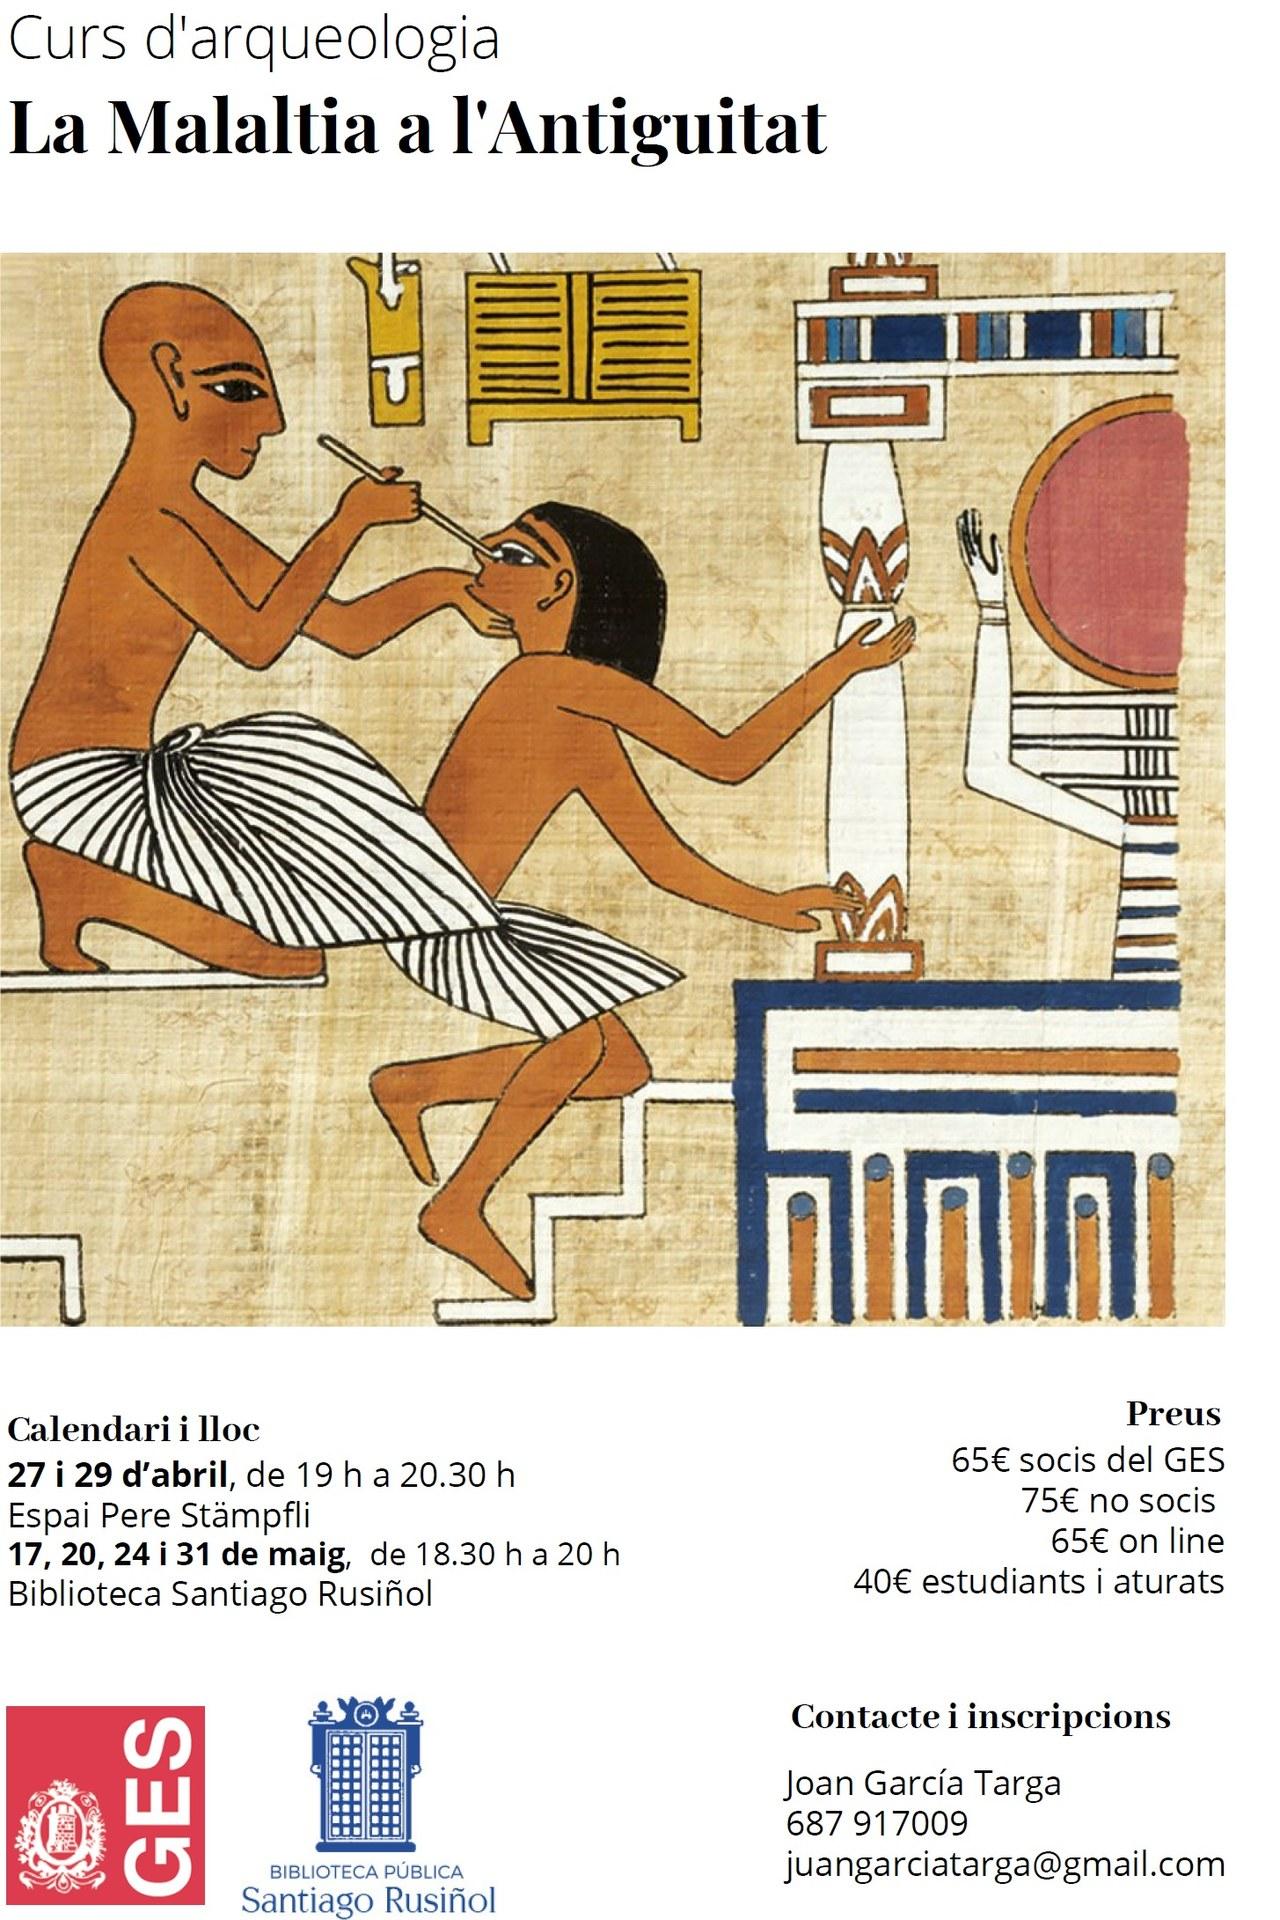 Curs d'Arqueologia 'La Malaltia a l'Antiguitat'